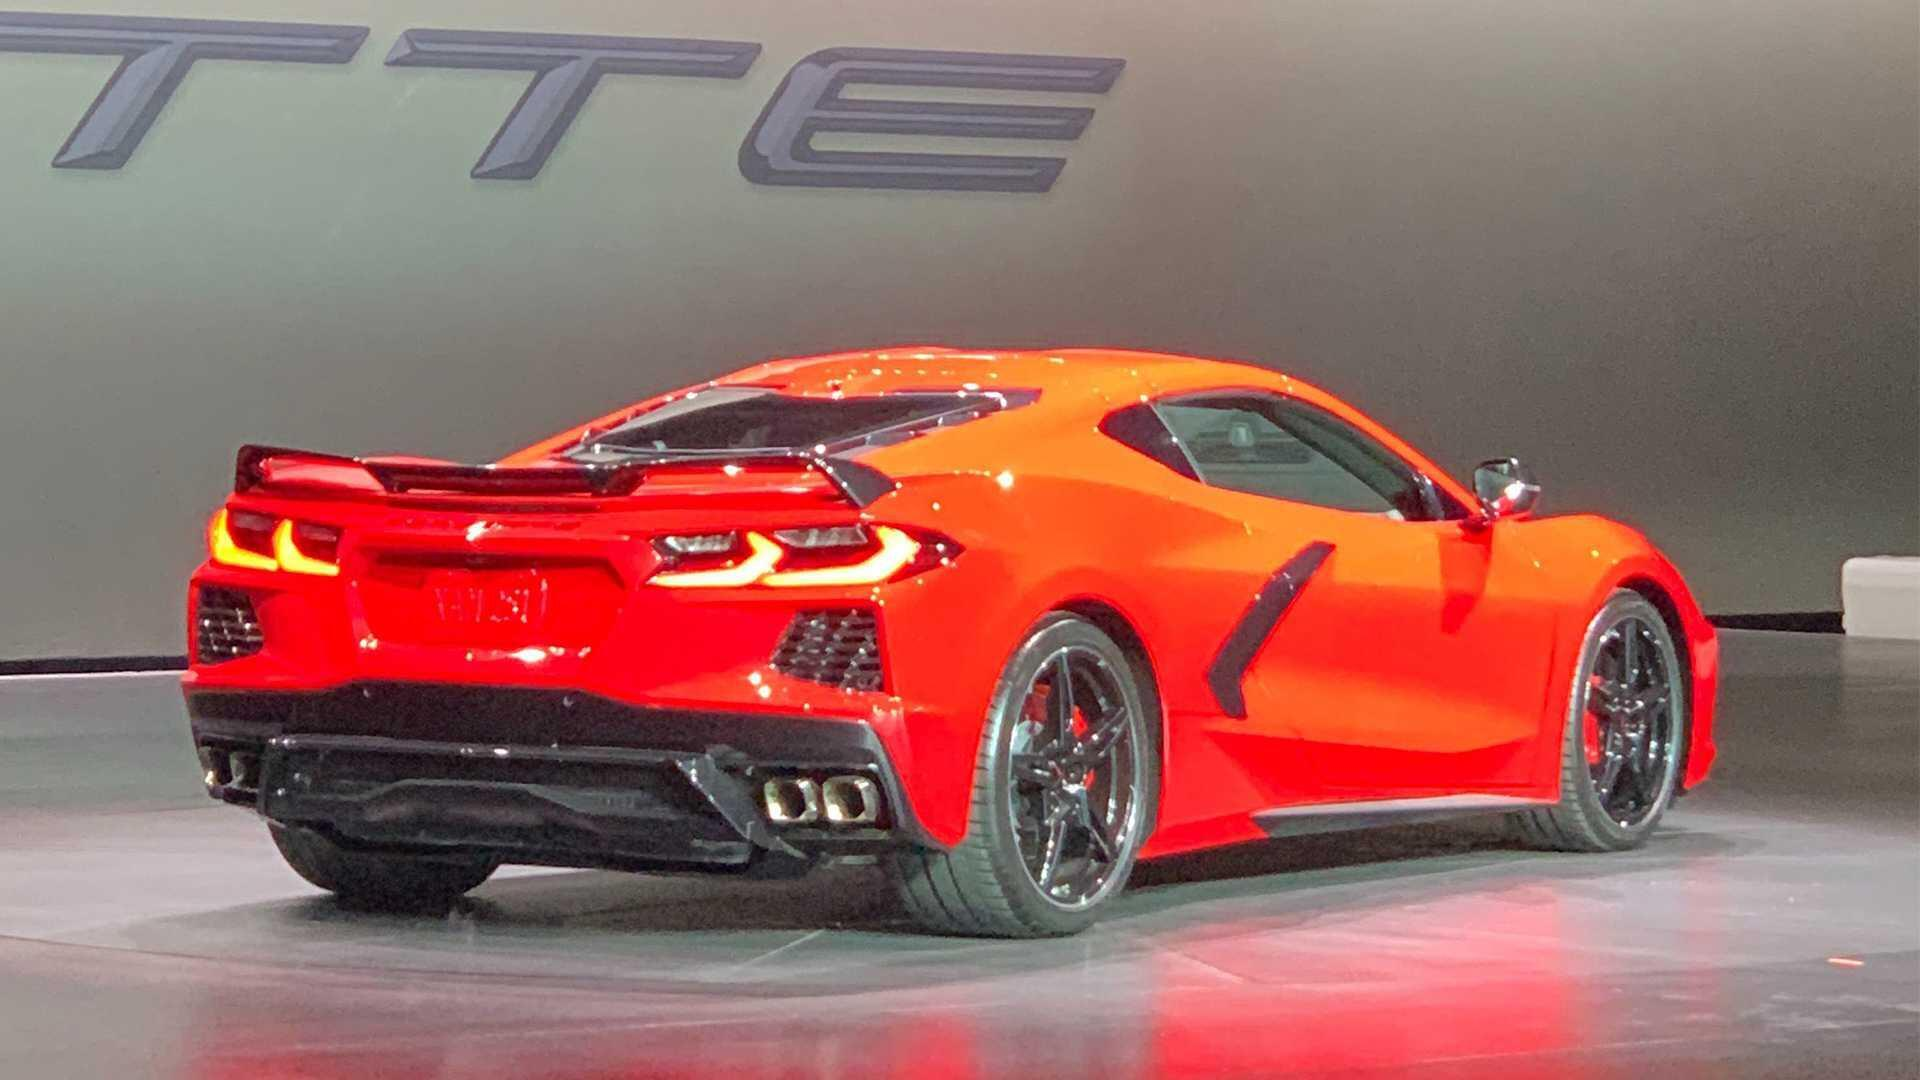 https://cdn.dailyxe.com.vn/image/chevrolet-corvette-2020-co-mot-so-tinh-nang-an-tuyet-voi-3-94521j2.jpg